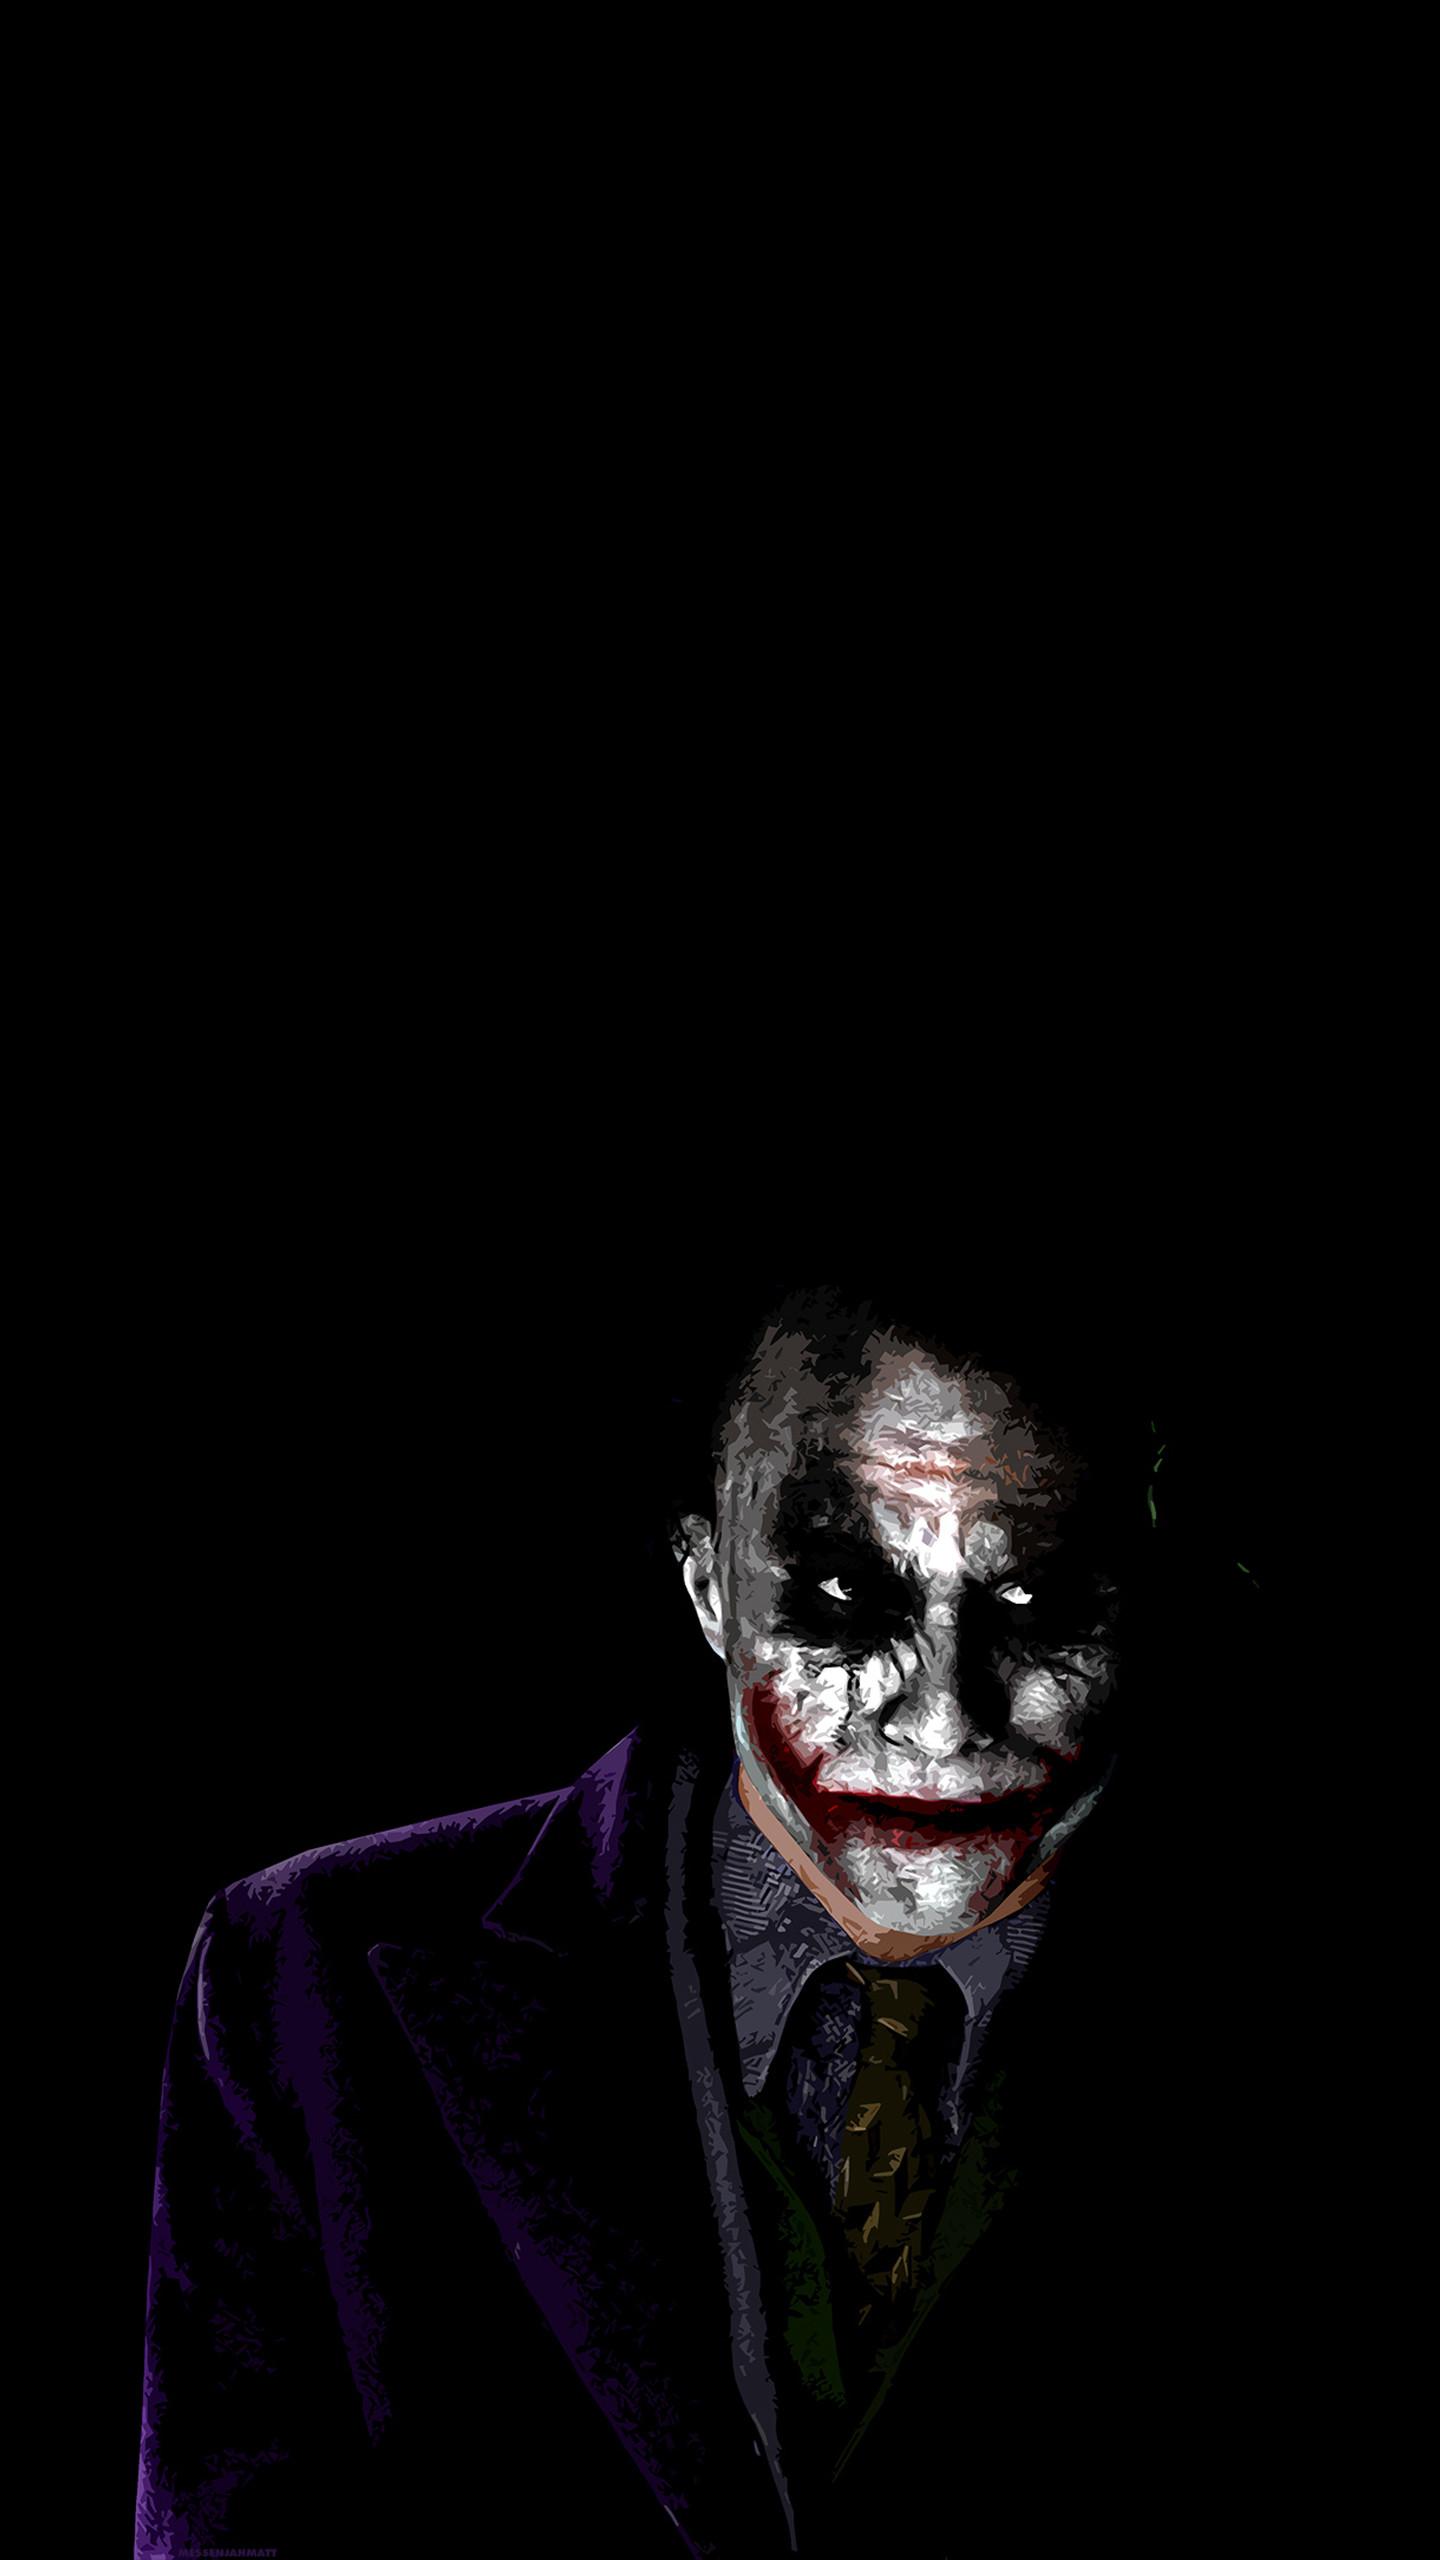 joker wallpaper full hd by Everwyn Butler